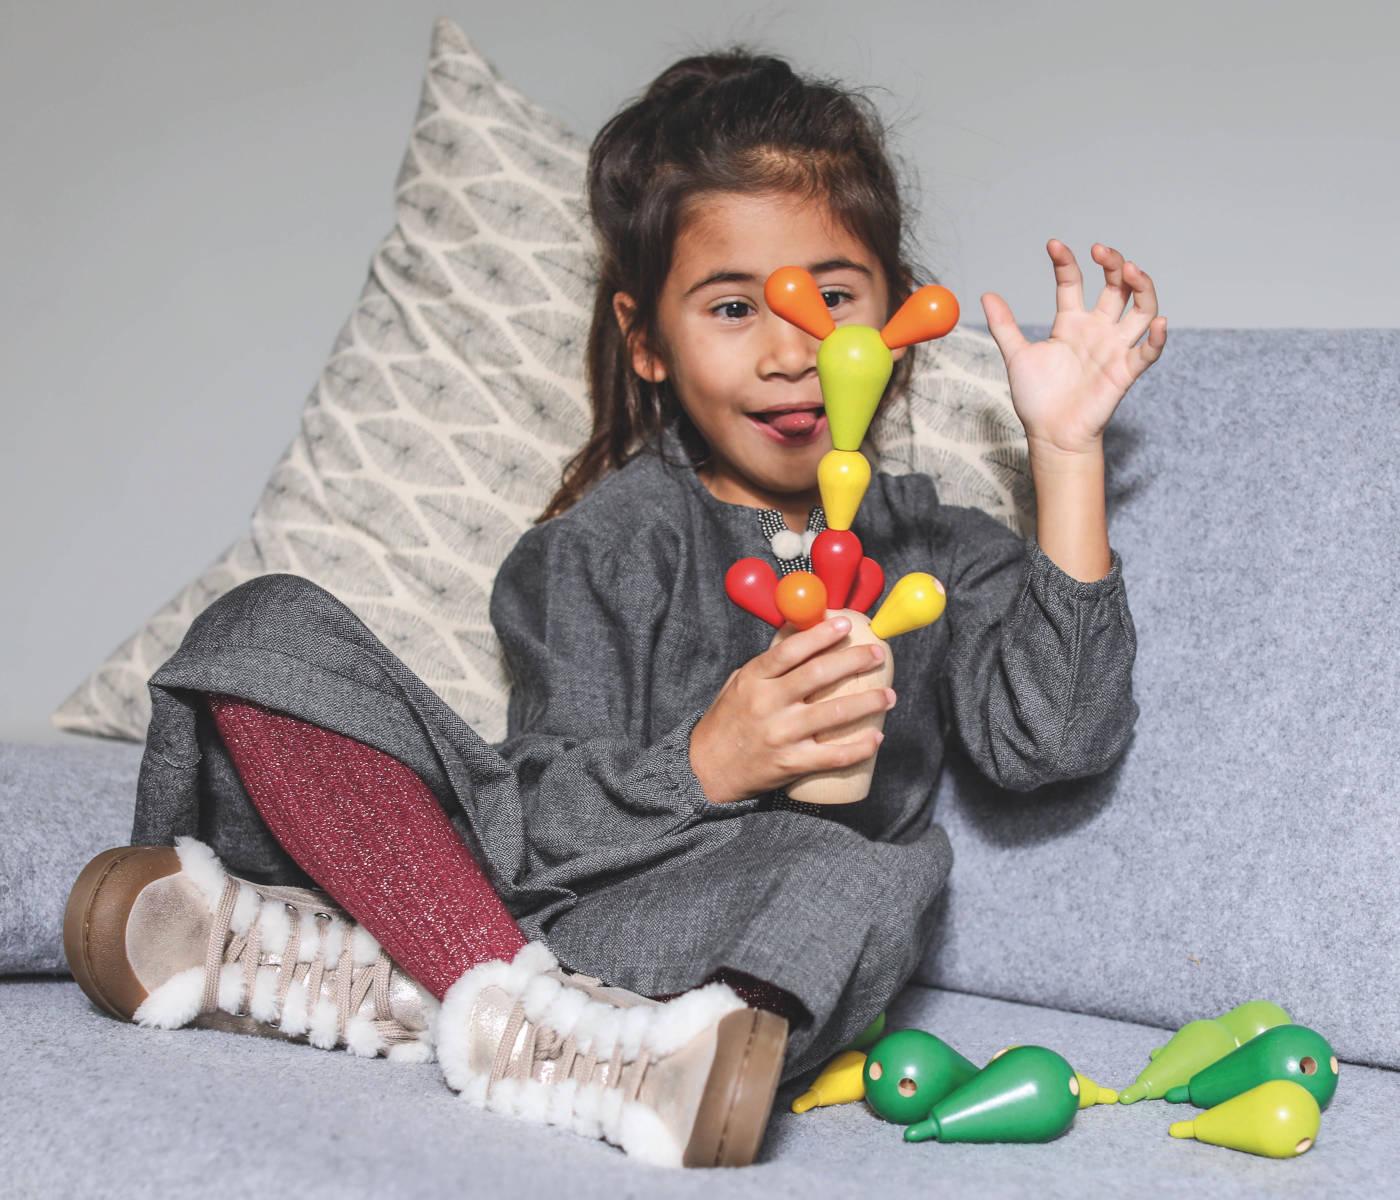 Gute Spielsachen für Kinder – Design-Spielzeug: Balancing Cactus von Plan Toys // HIMBEER